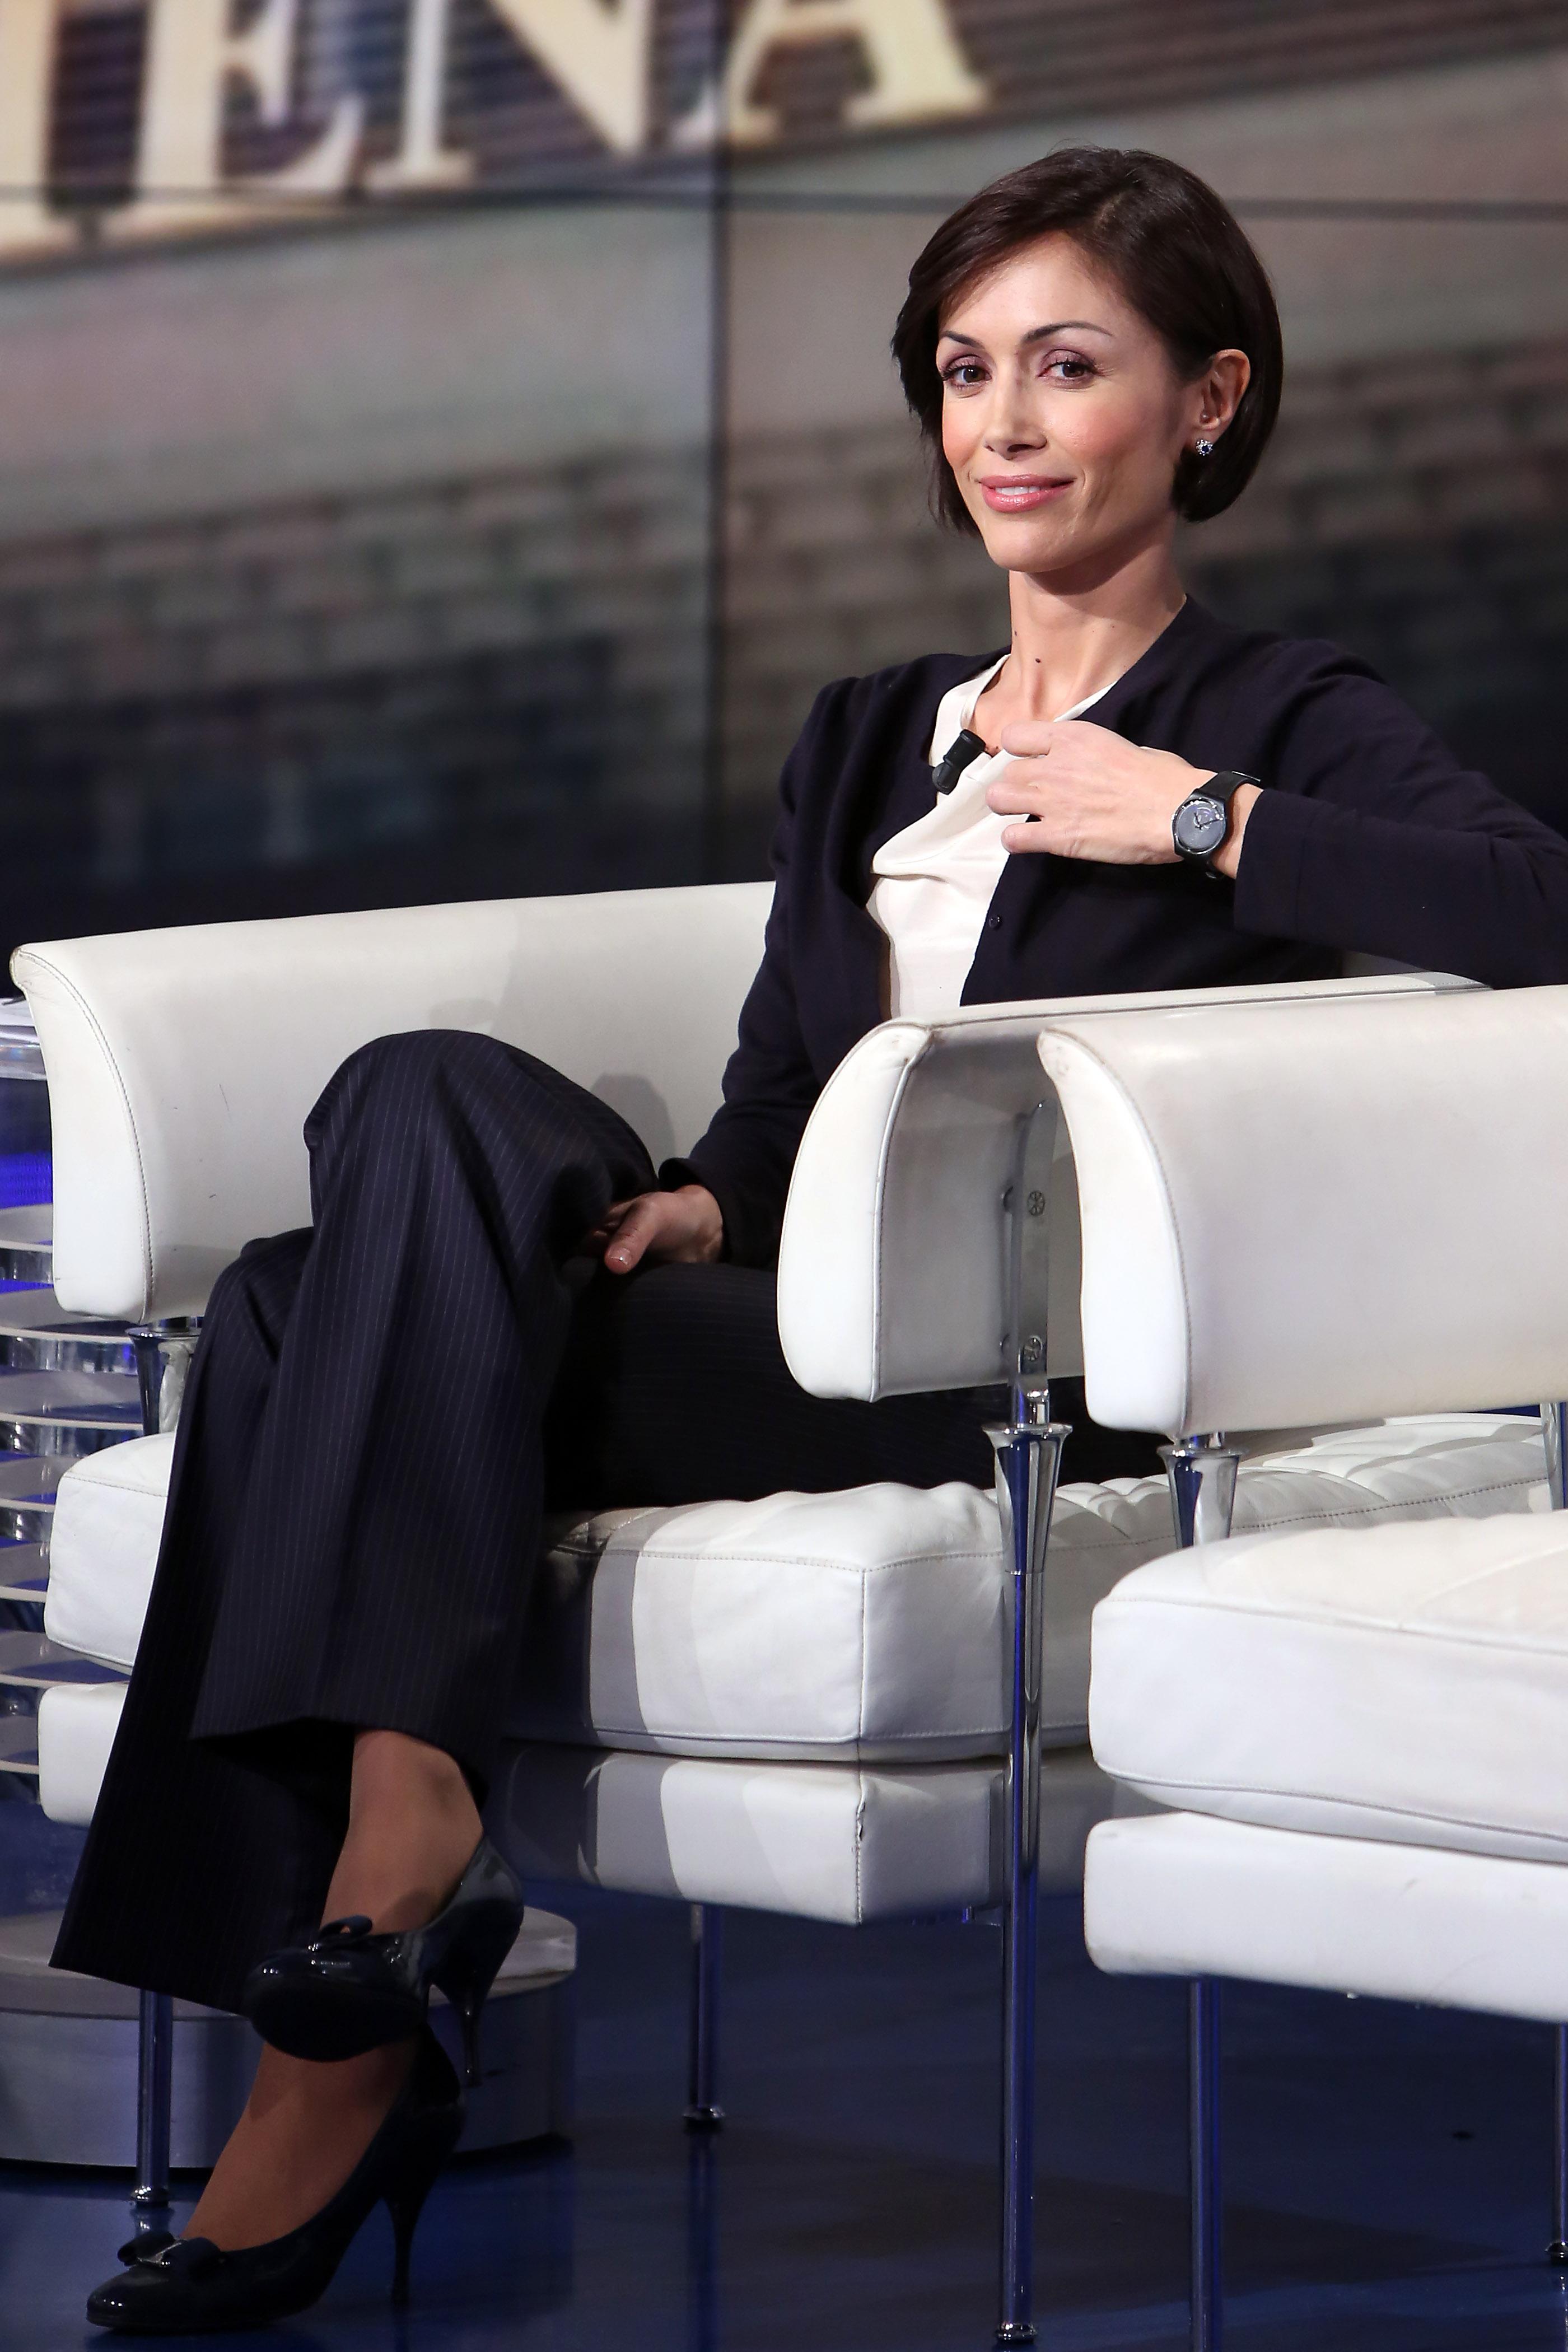 미스 이탈리아 6위, 전직 쇼걸, 모델 등 이력이 독특한 이탈리아 평등당 장관 마라 카르파냐. 그녀의 다분히 이탈리아적인 패션 스타일에 대하여.